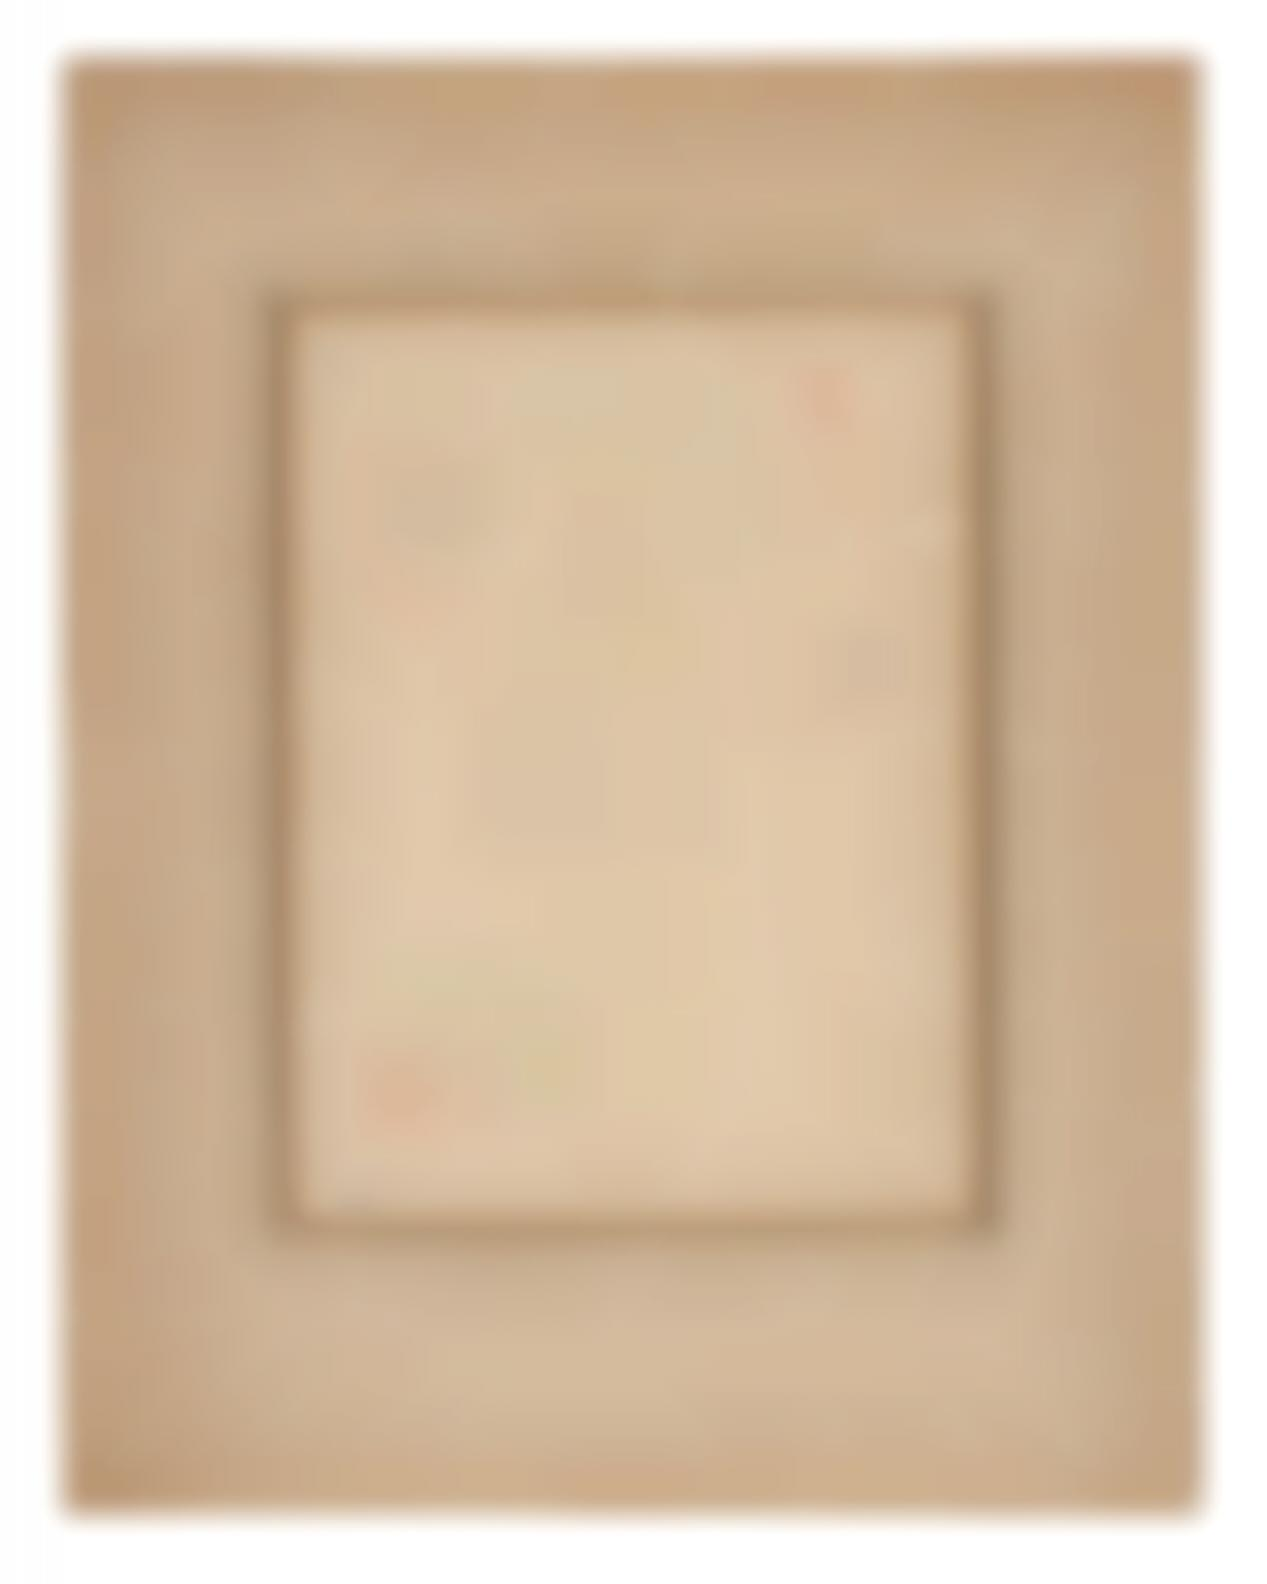 Pablo Picasso-Faune Debout-1951